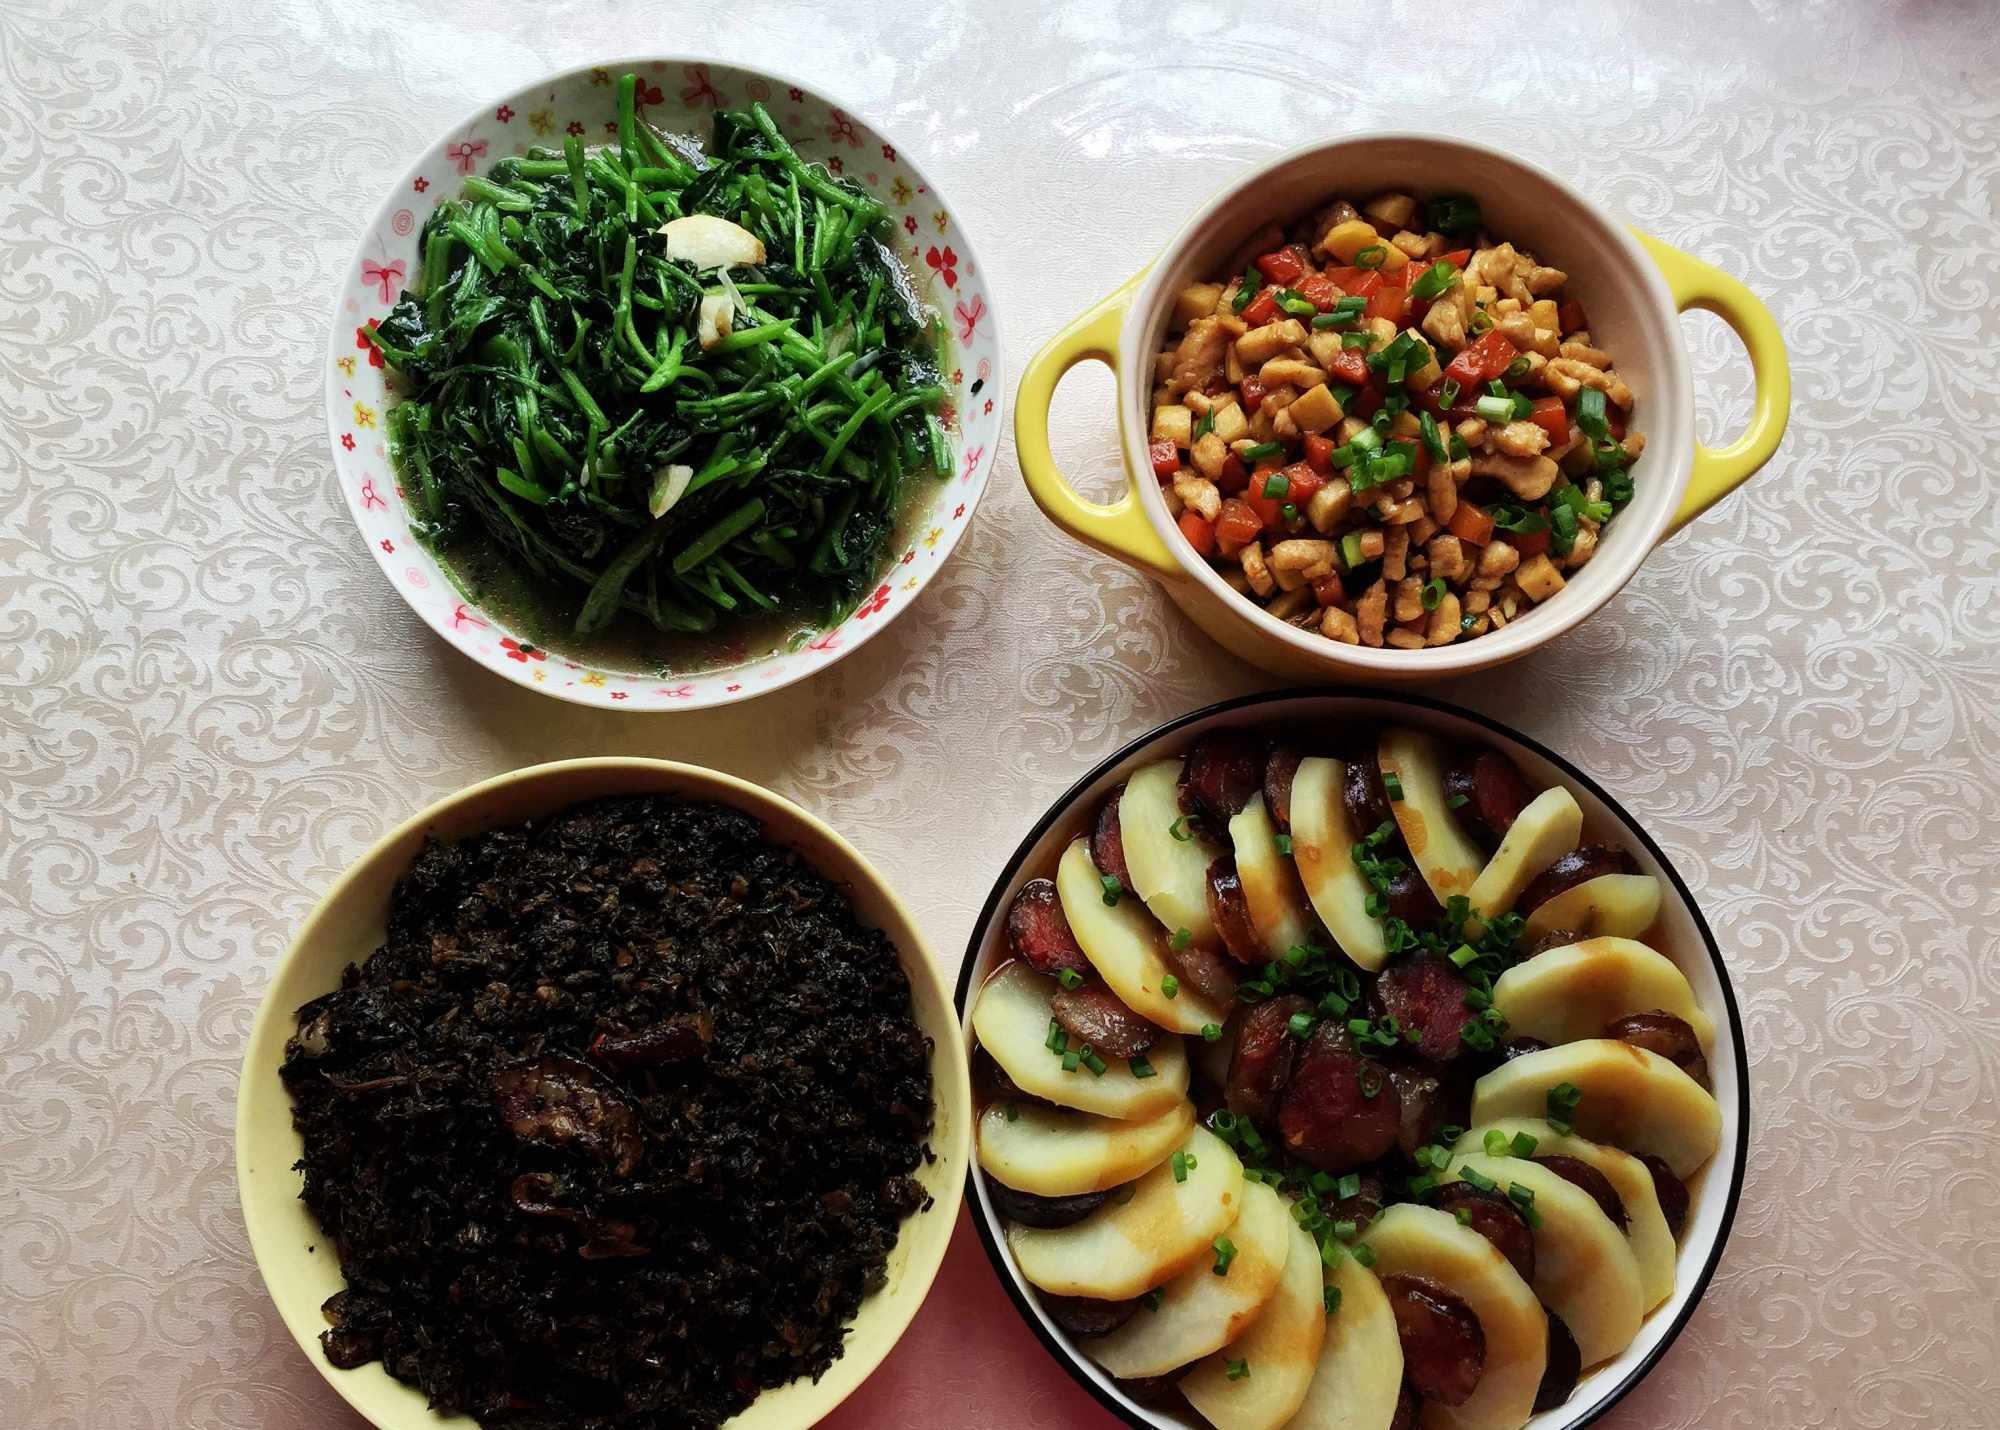 一家人的工作餐,30分钟做好4道家常菜,有荤有素,花钱少营养高